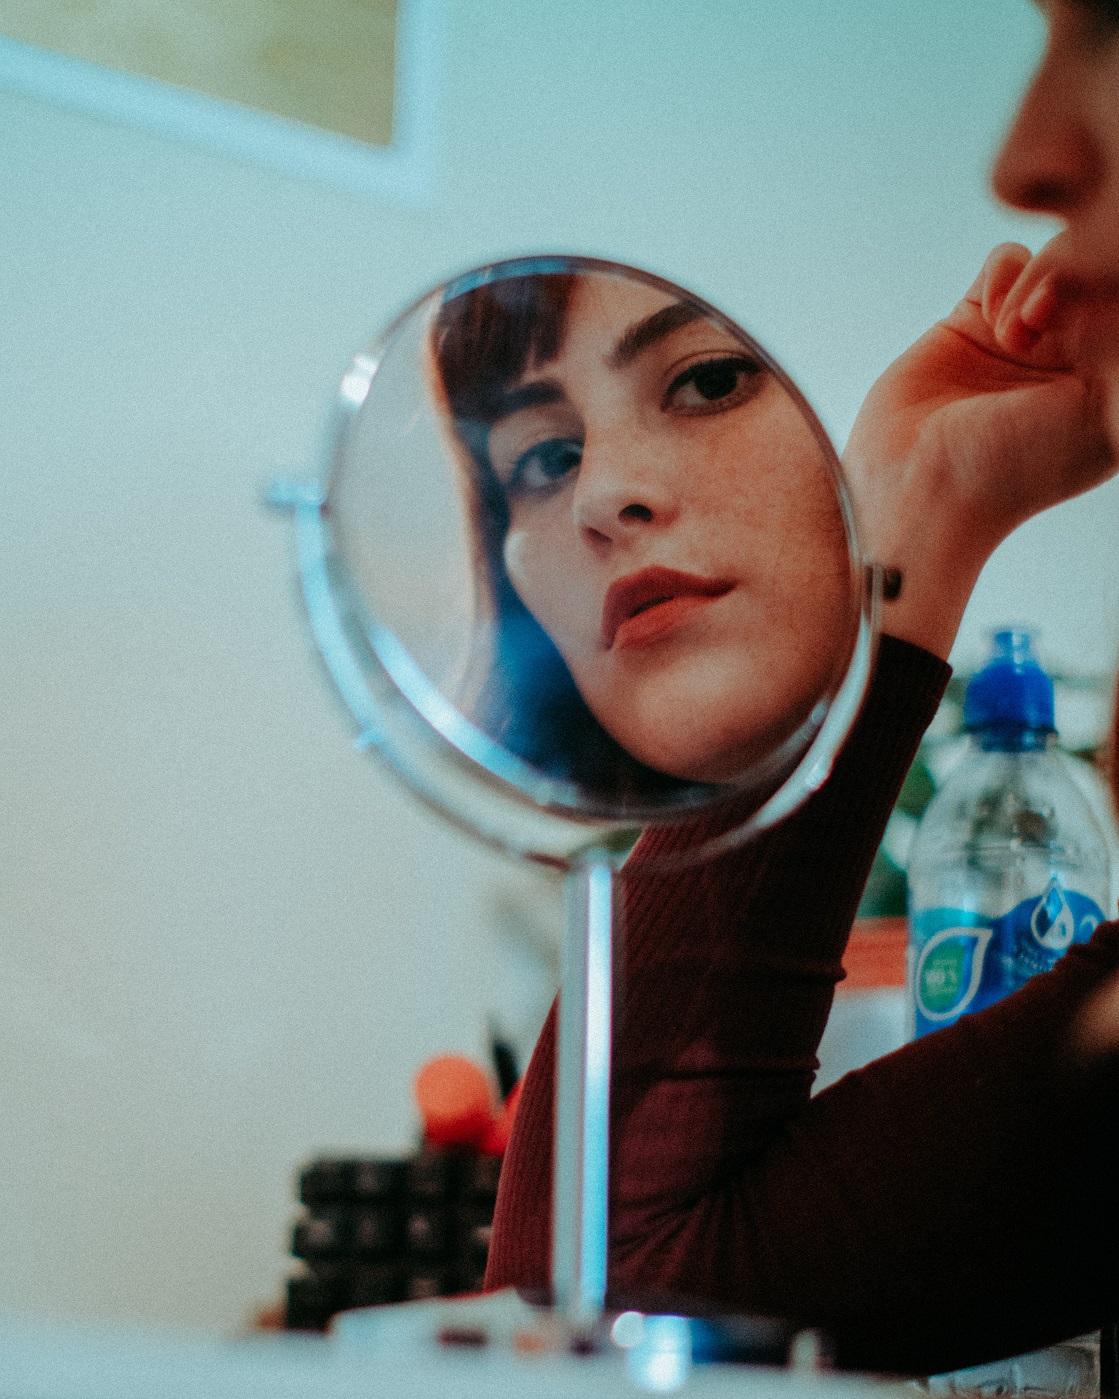 Découvrez comment avoir des sourcils parfaits et impeccables grâce à ces conseils extrêmement simples